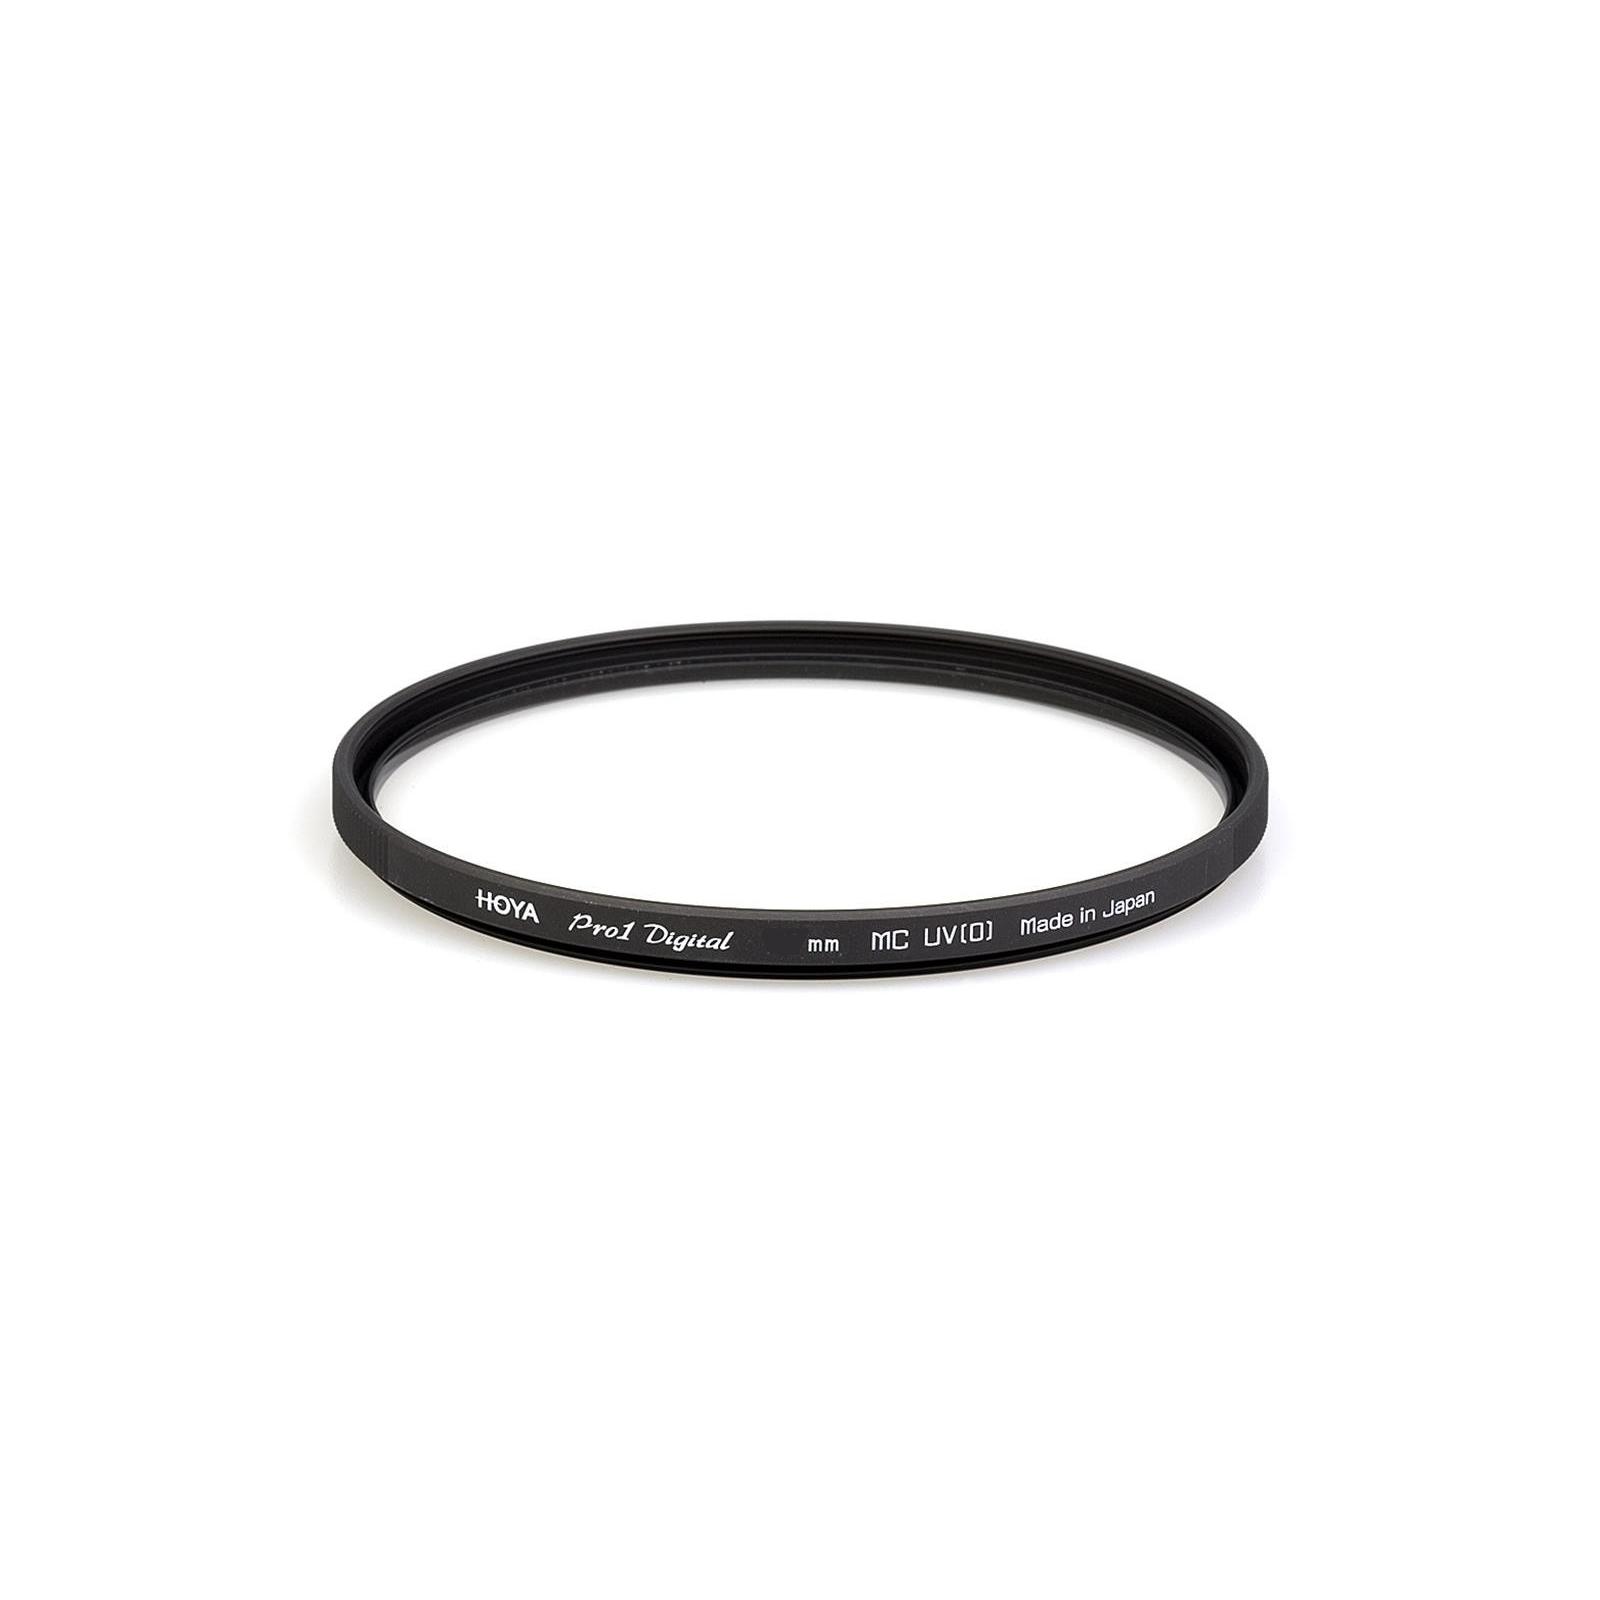 Светофильтр Hoya UV Pro1 Digital 62mm (0024066040176)